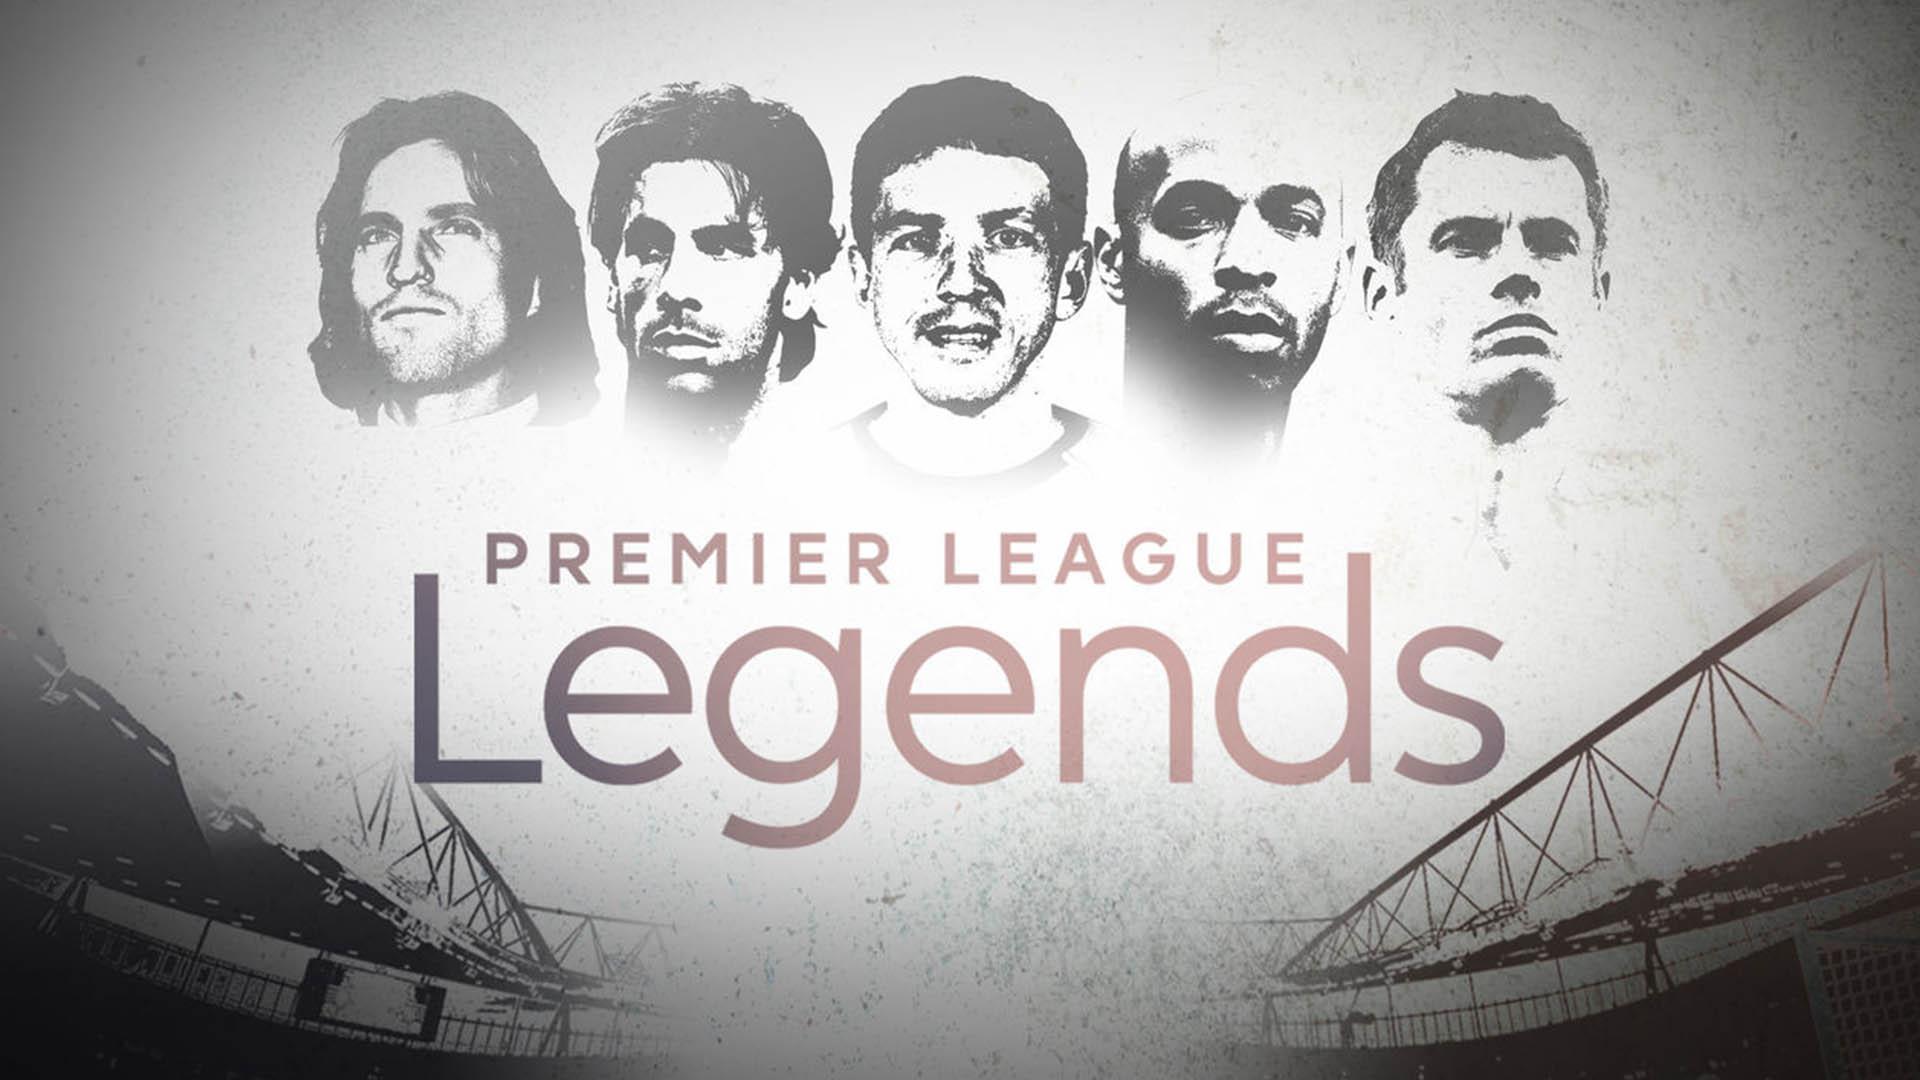 series de futebol premier league legends